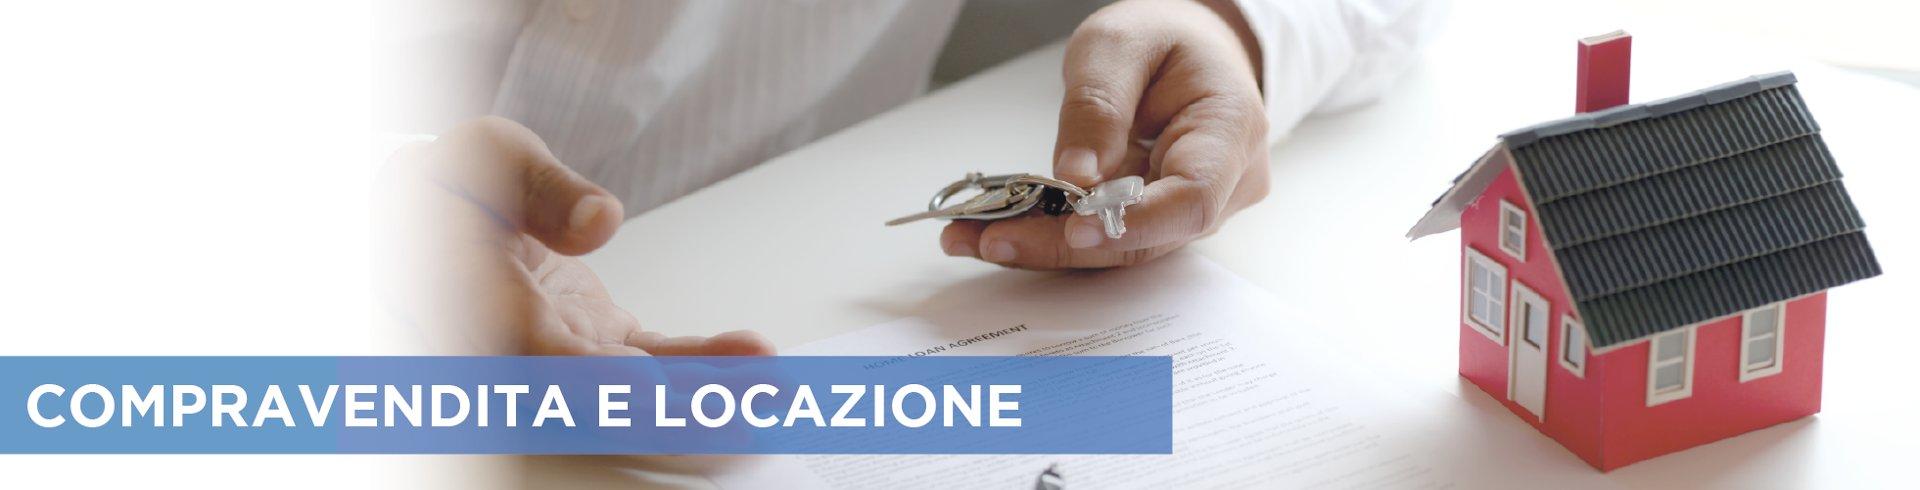 Compravendite e locazioni immobiliari Remax Area Ostia